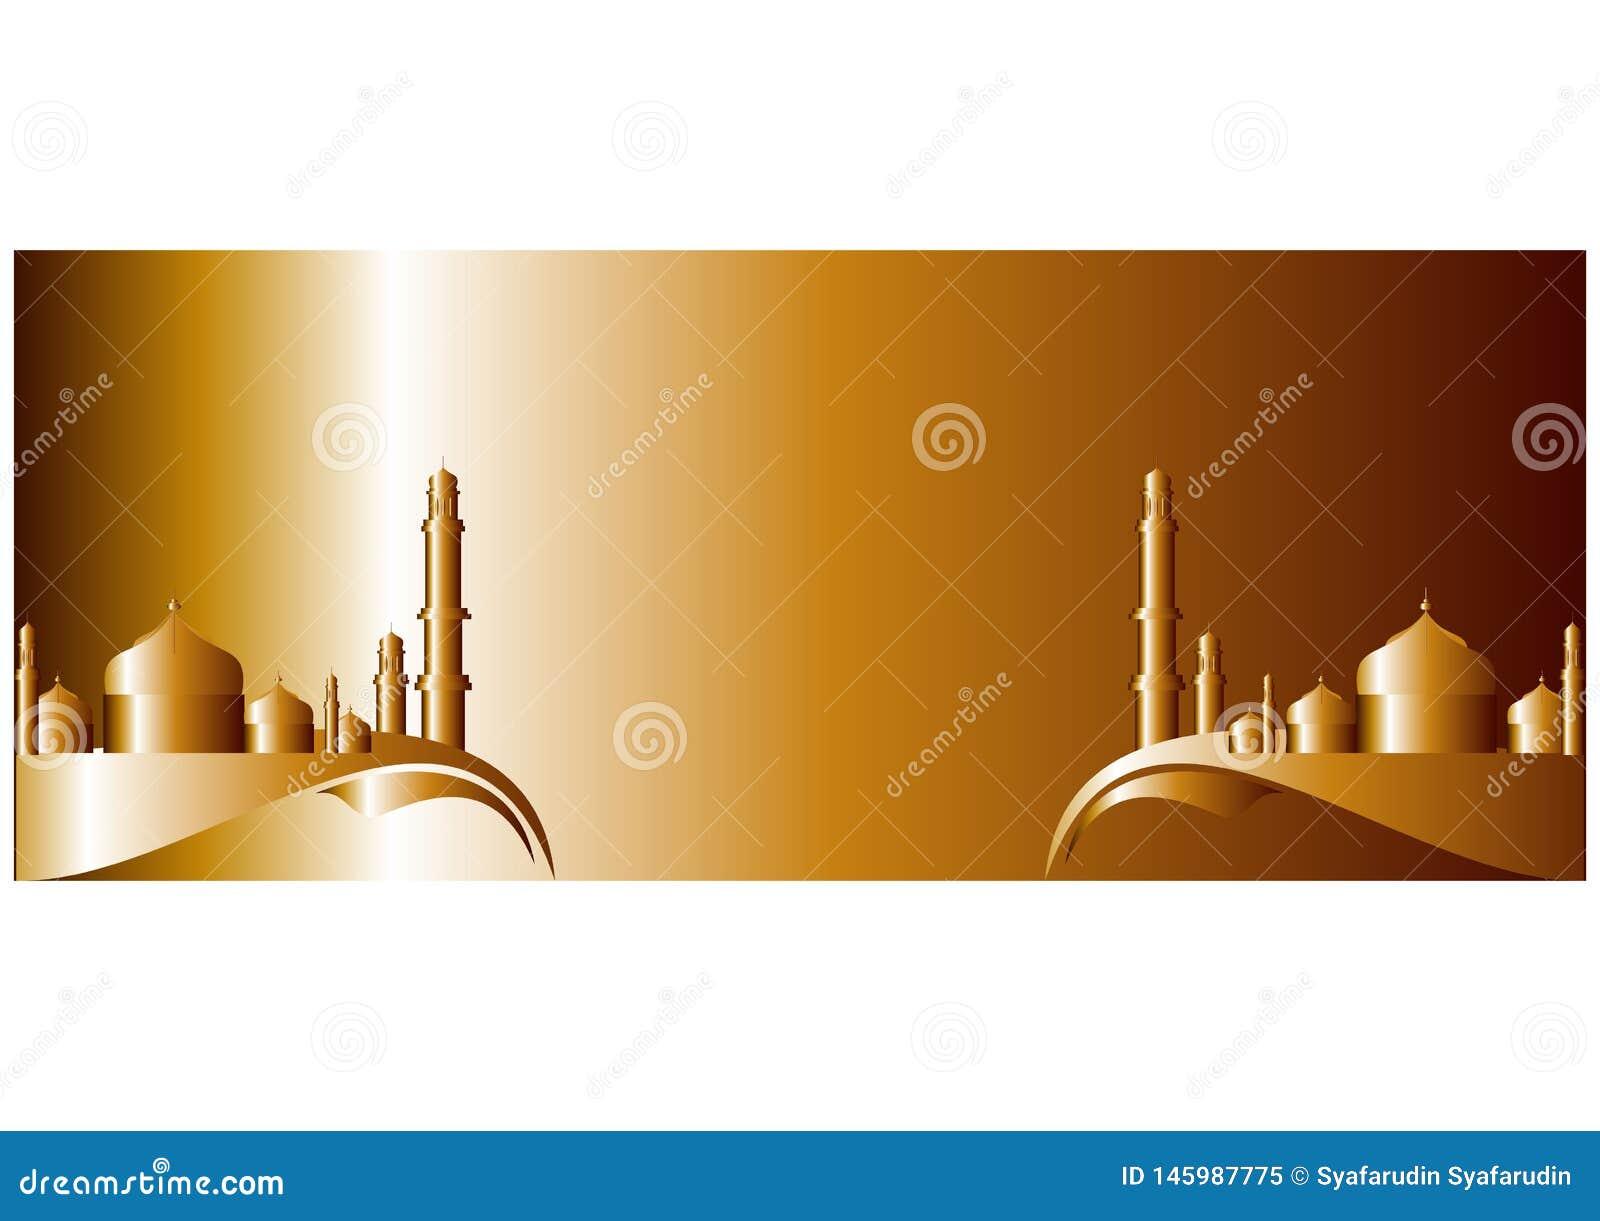 De banner van Ramadhankareem voor Moslims die vieren